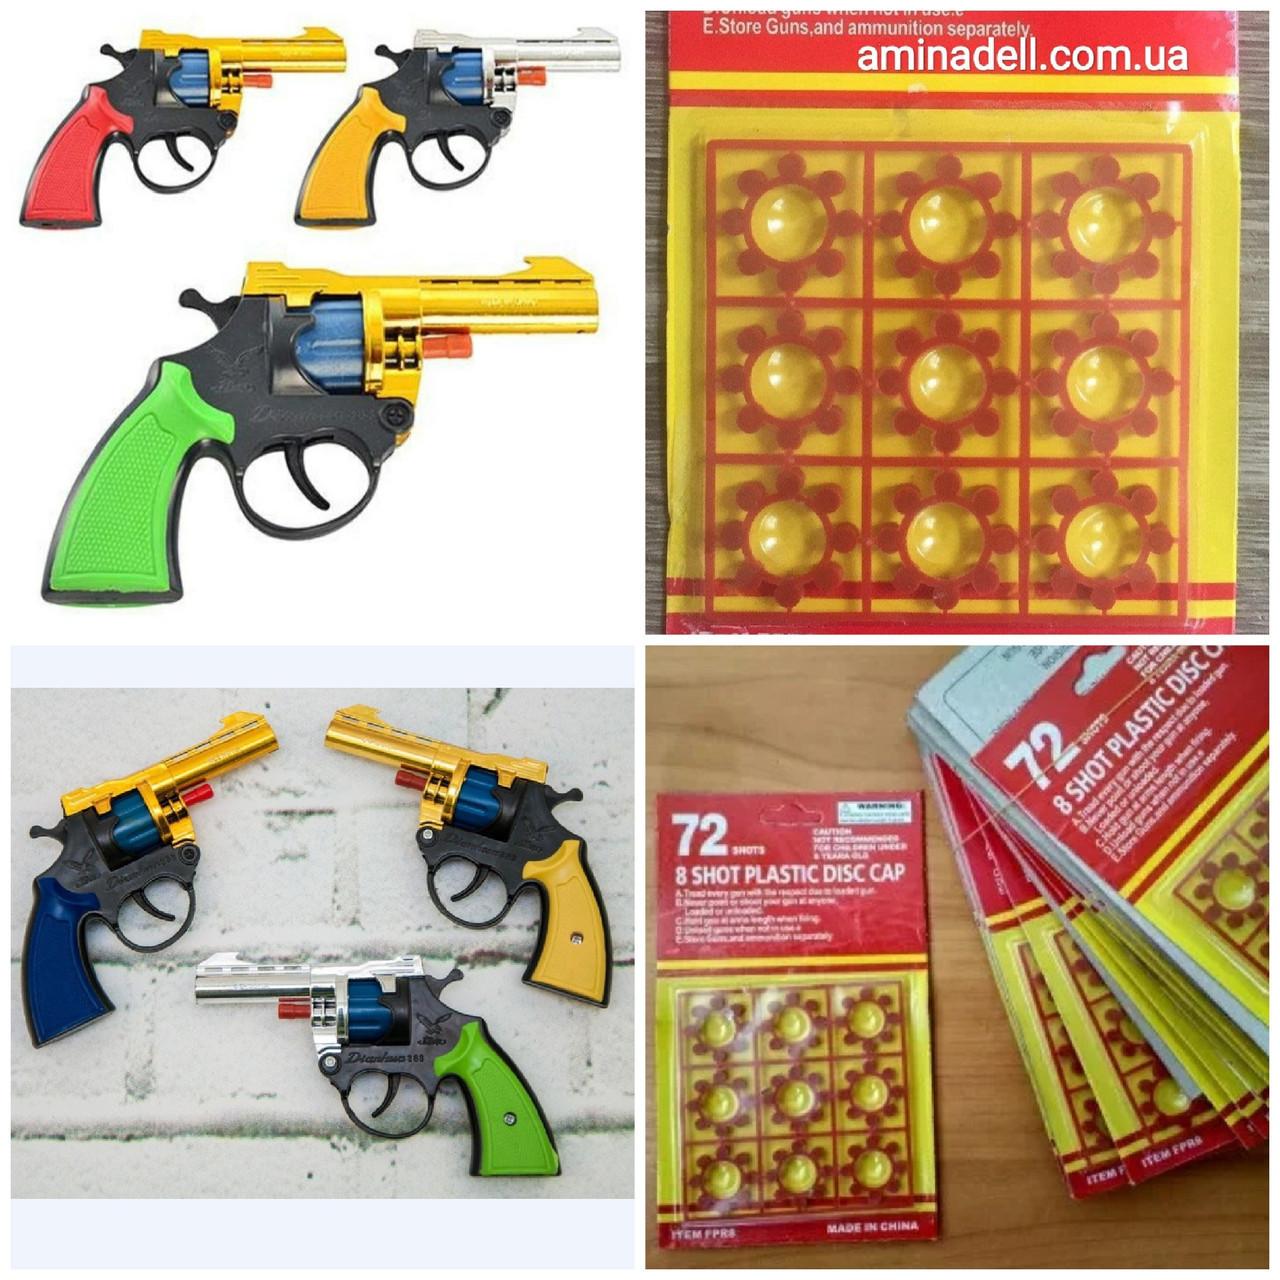 Набор: Пистолет на пистонах + 4 упаковки пистонов